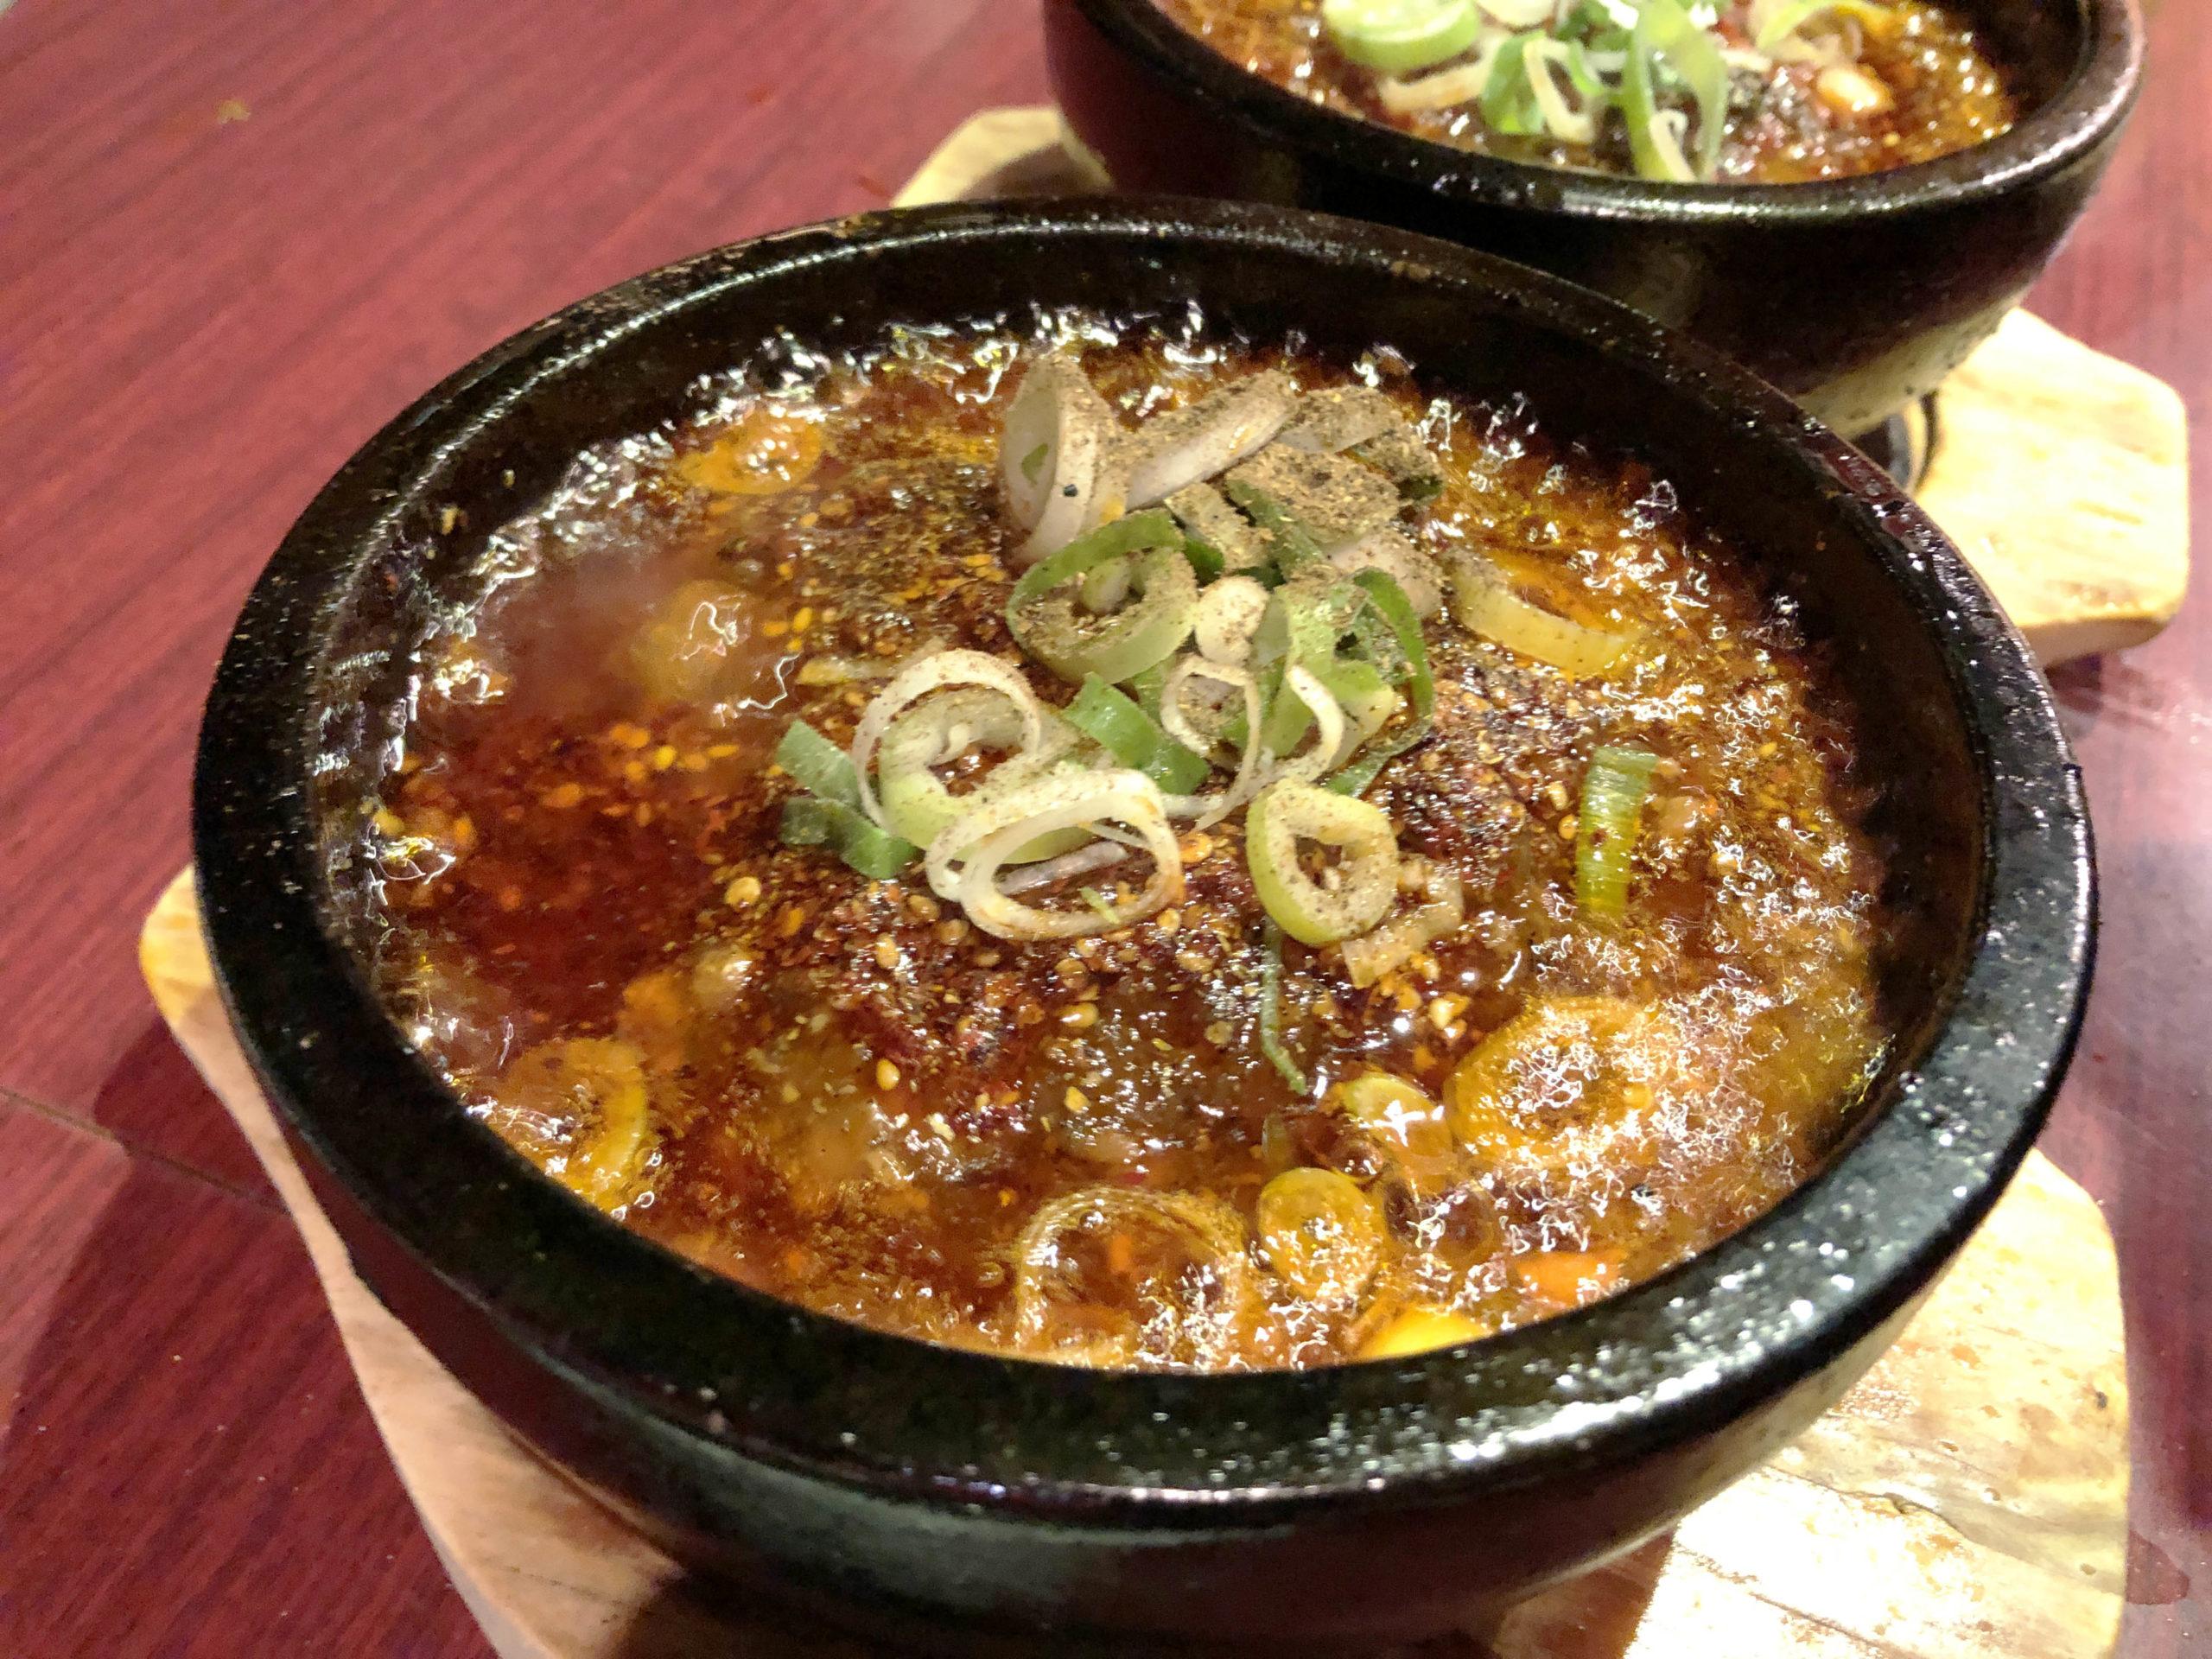 辛さと痺れと旨味は比例する!正統派中国料理「陳家私菜」で超旨辛痺麻婆豆腐を食べてきたお話